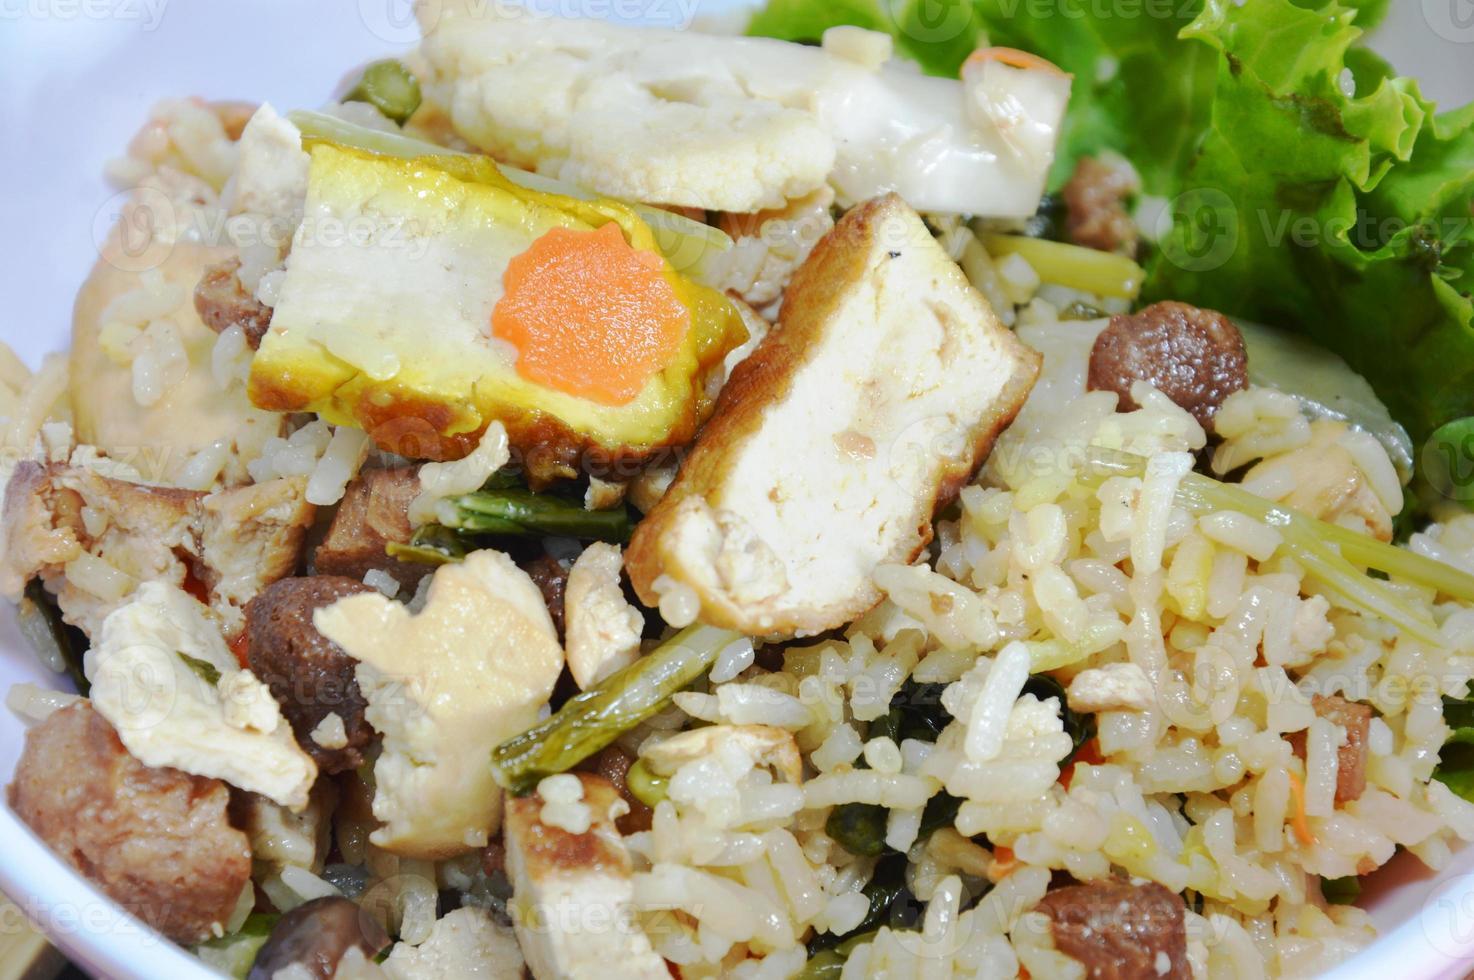 vegetarische gebakken rijst met groente en tofu op kom foto